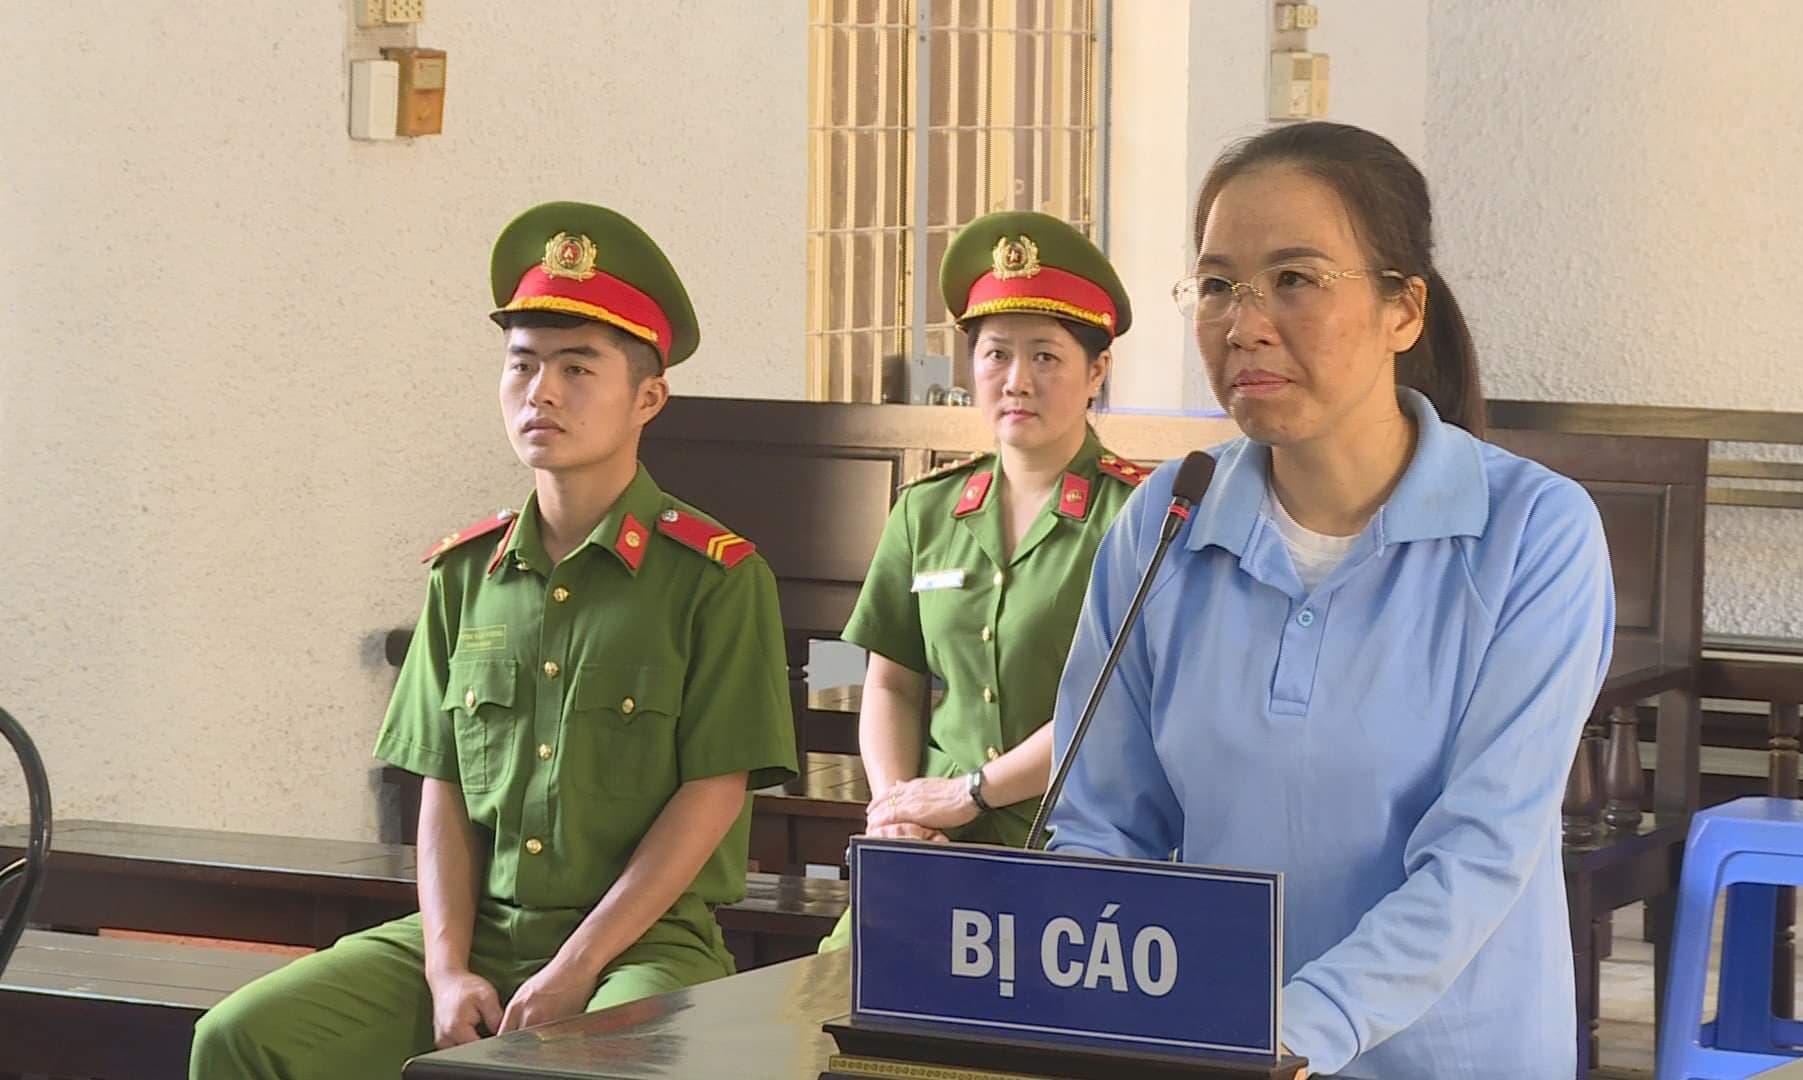 """Giả danh cán bộ Bộ Công an, nữ quái U50 tiếp tục vào tù vì tội """"Lừa đảo chiếm đoạt tài sản"""" - Ảnh 1."""